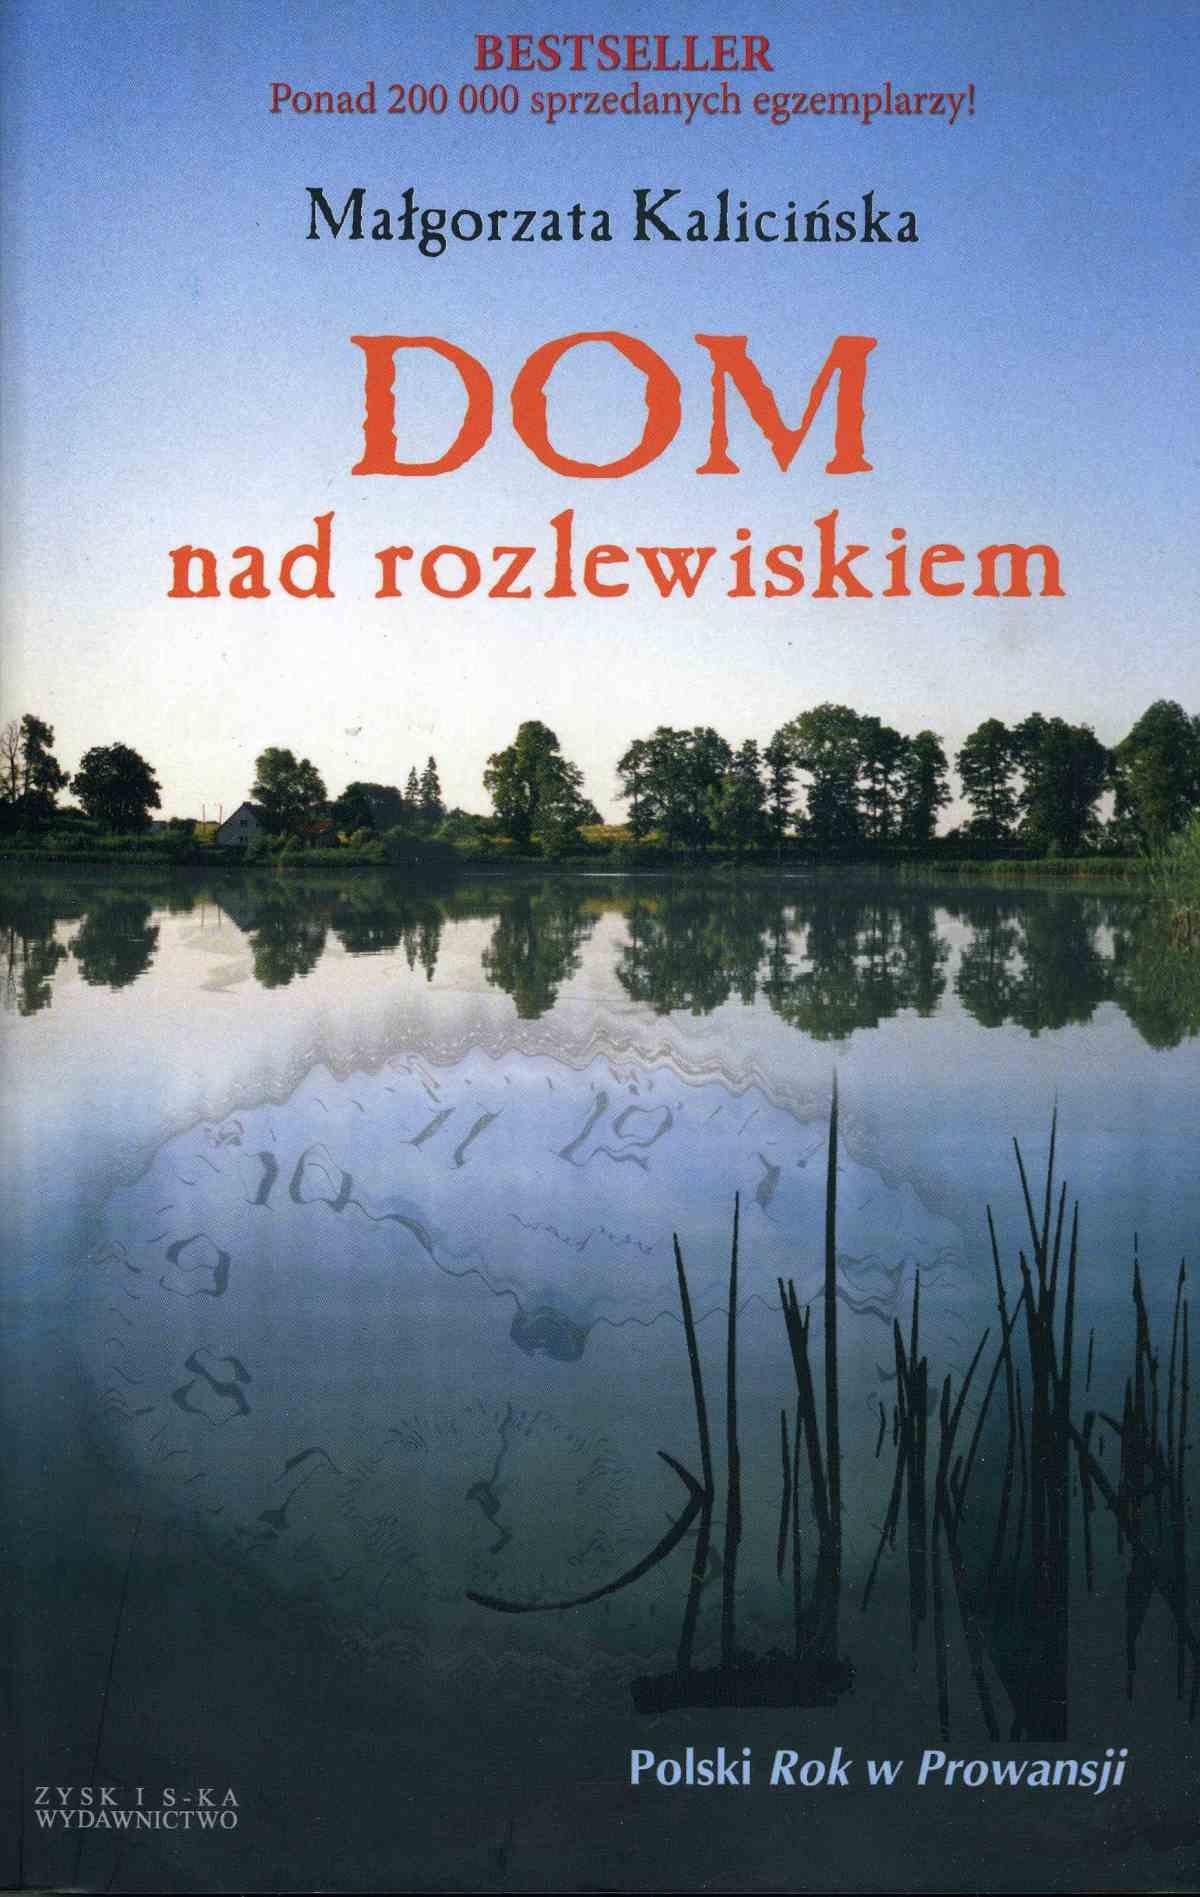 Dom nad rozlewiskiem - Ebook (Książka na Kindle) do pobrania w formacie MOBI